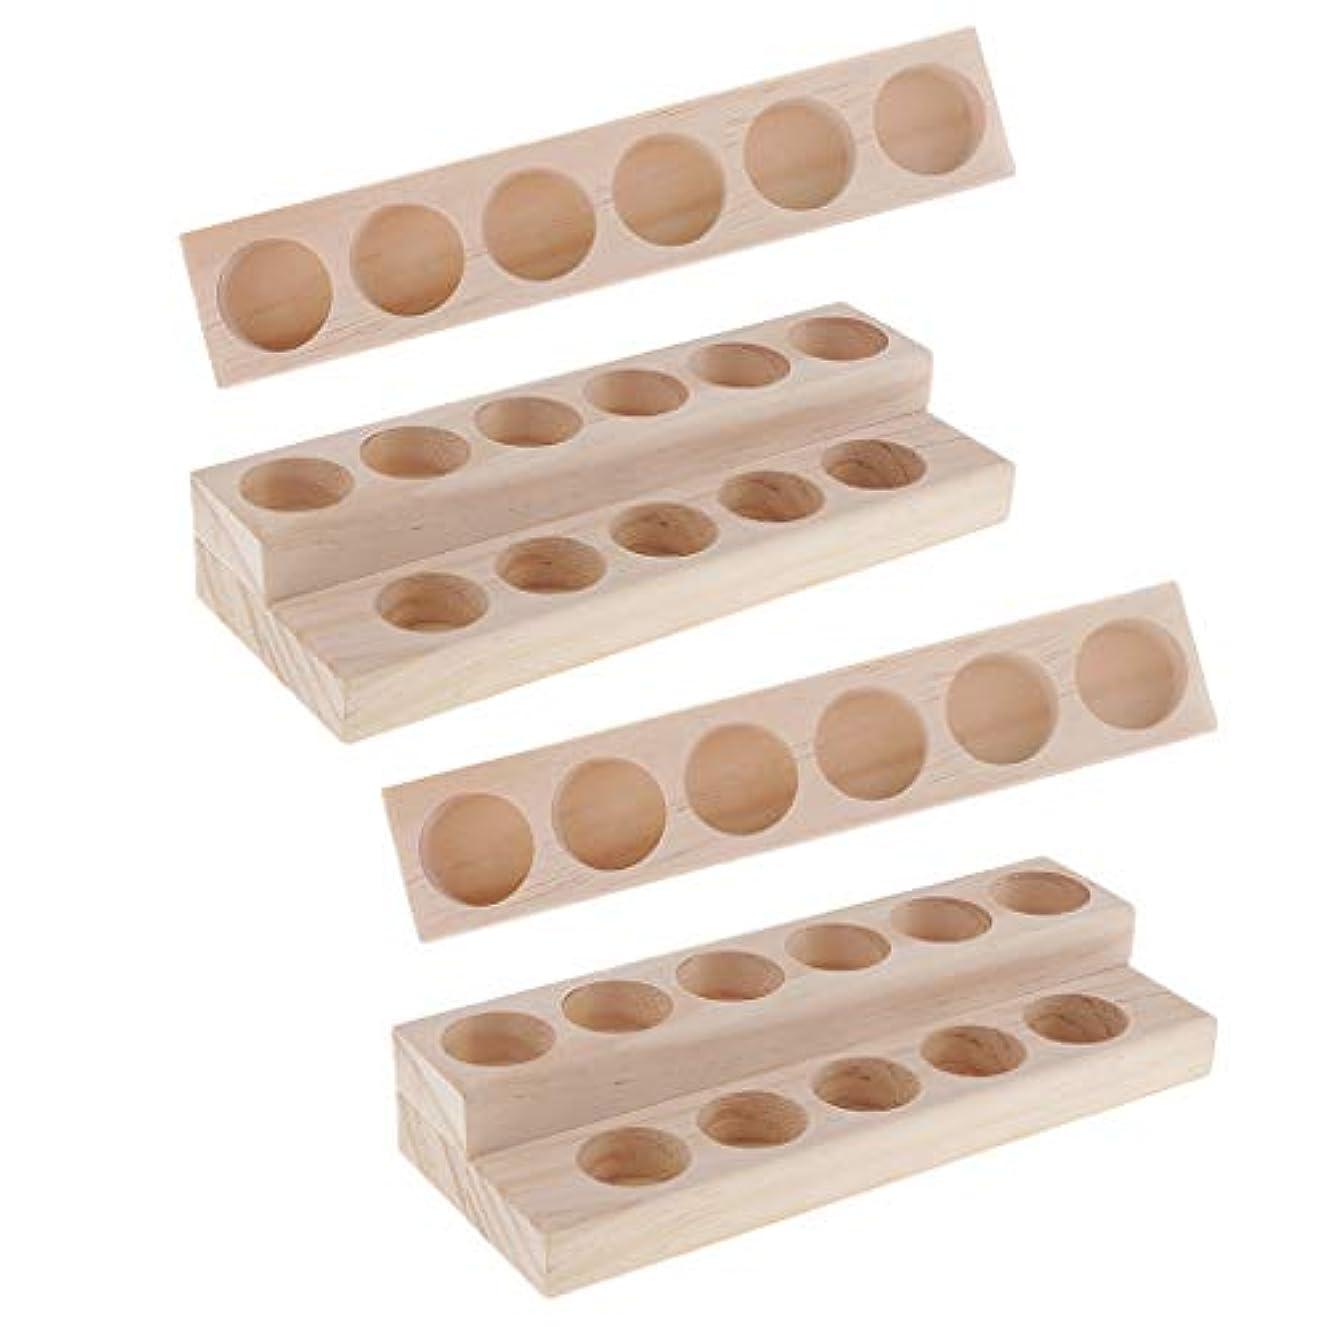 スロー非互換拍手するHellery 木製 エッセンシャルオイル ディスプレイ 香水瓶収納 マニキュアスタンド 美容室 ネイルサロン 用品 4個入り